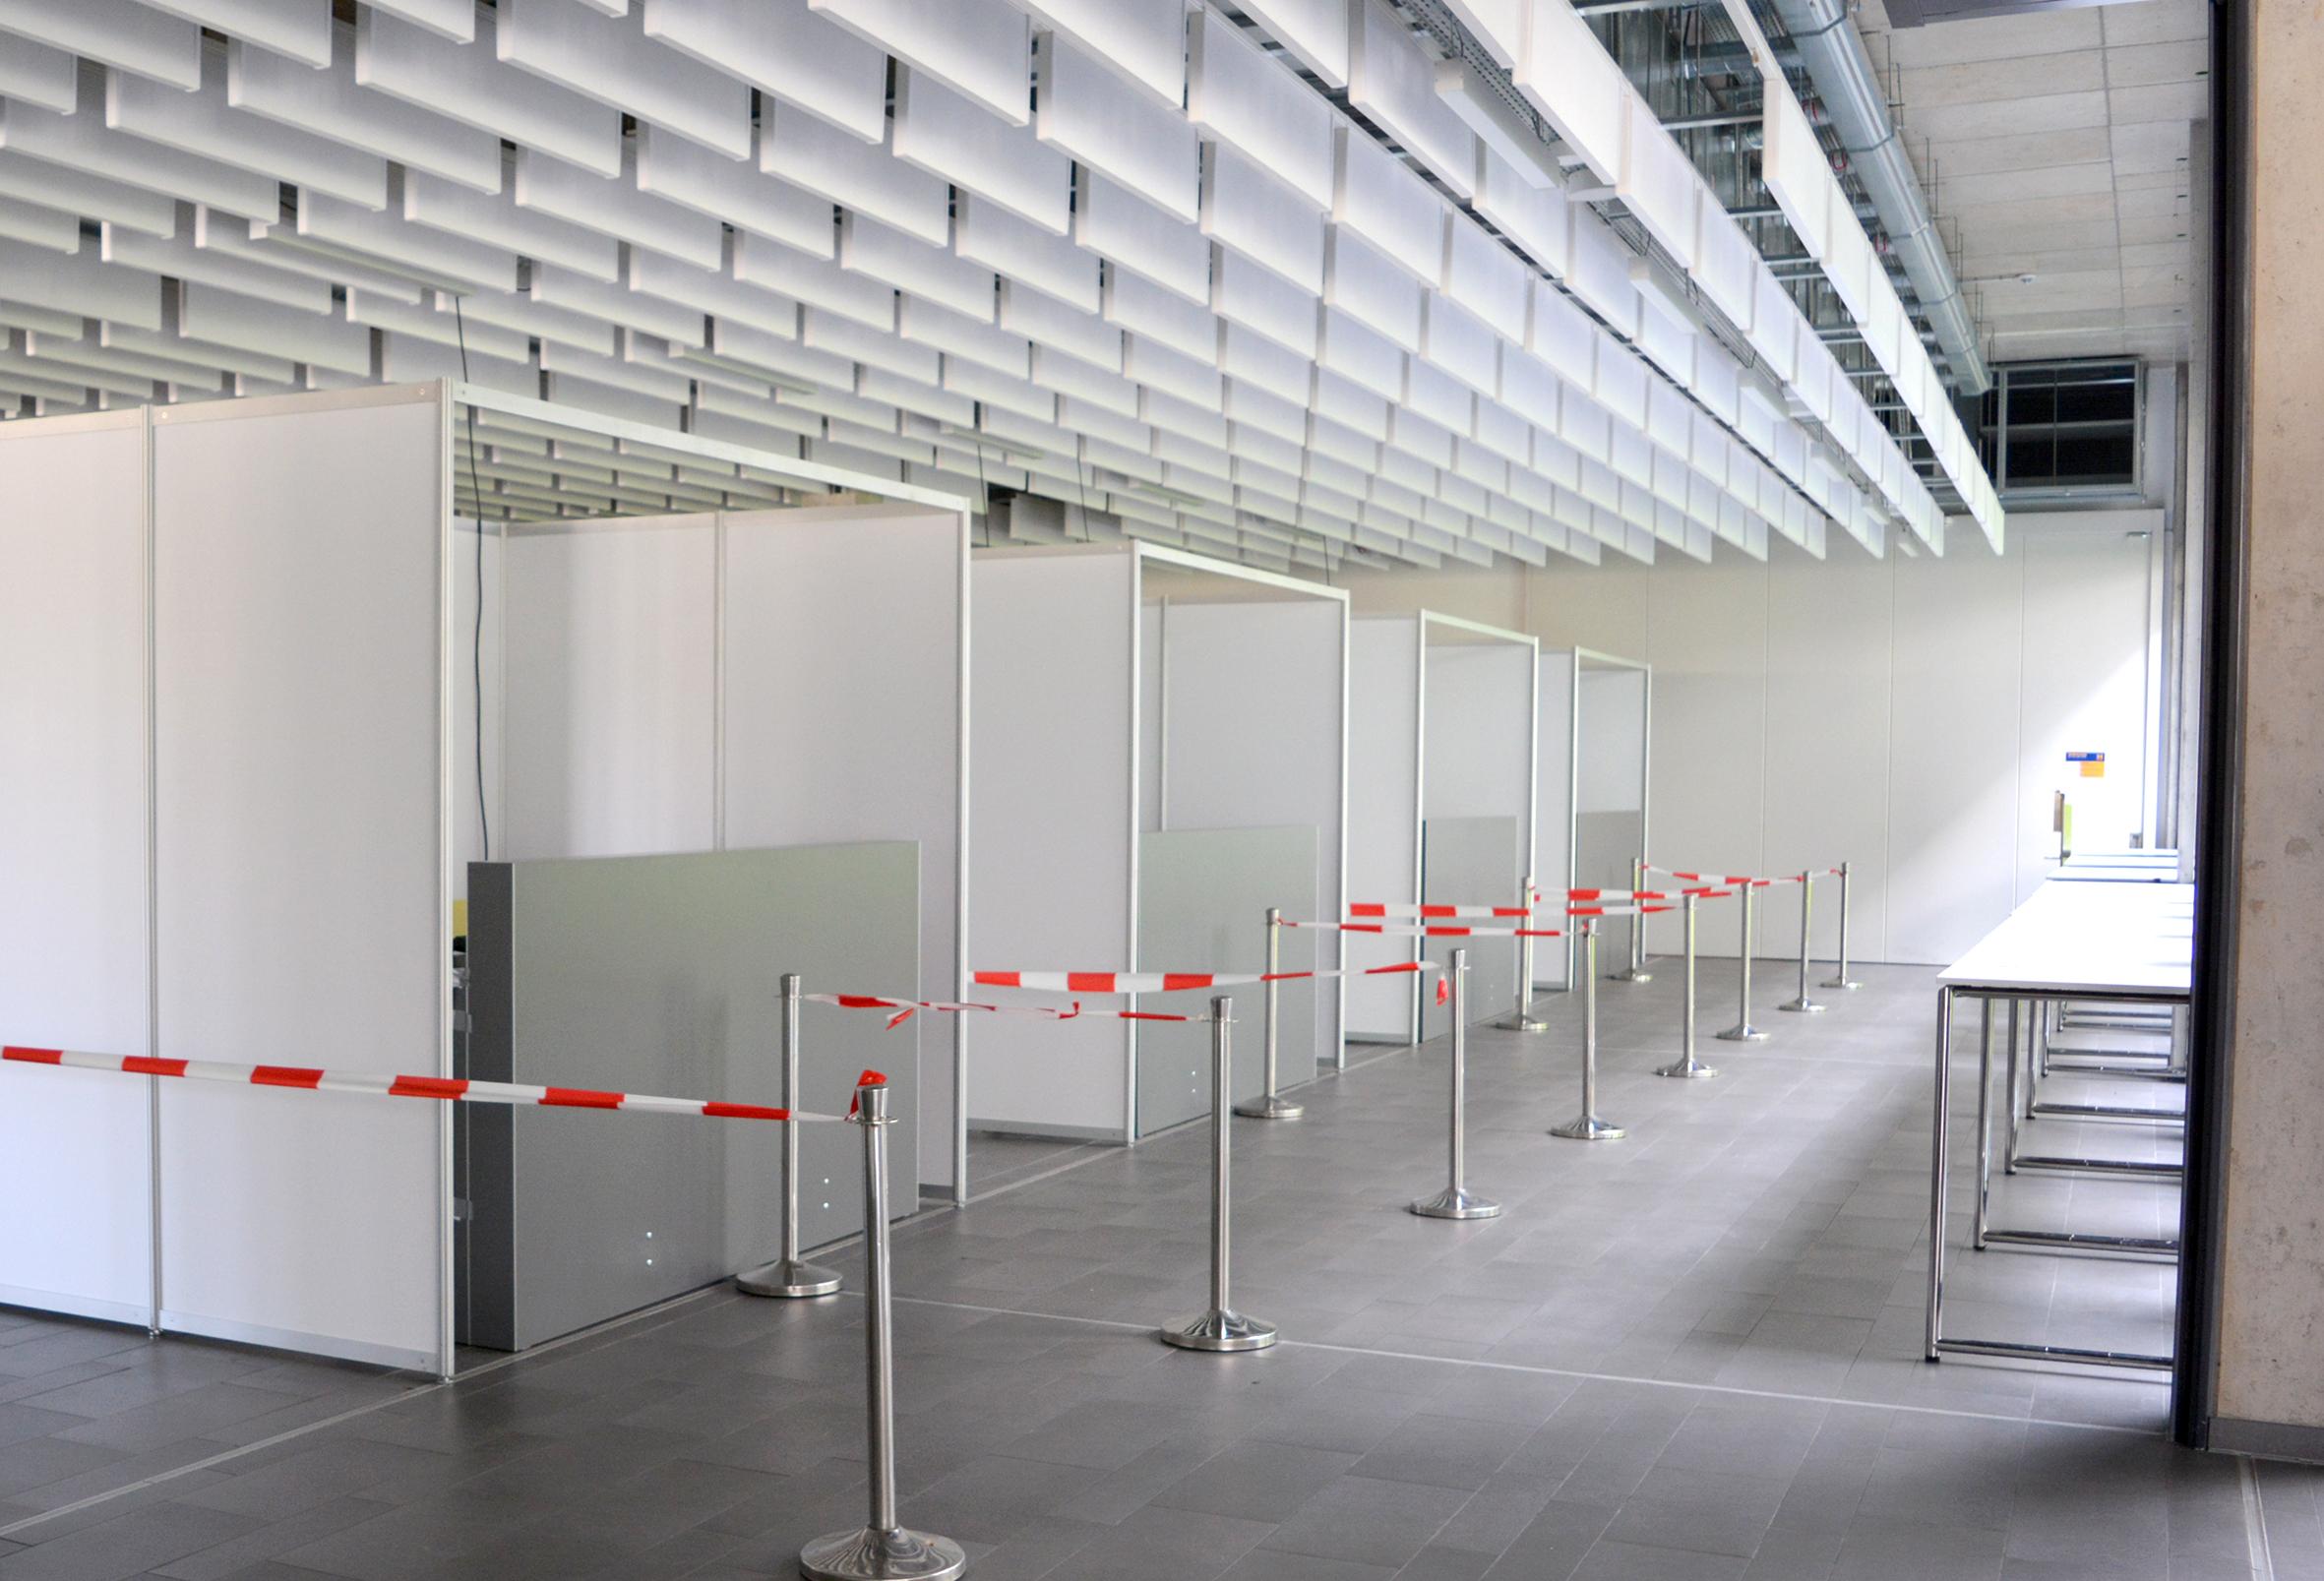 Foto: Das Testzentrum in der Mensa im Aufbau